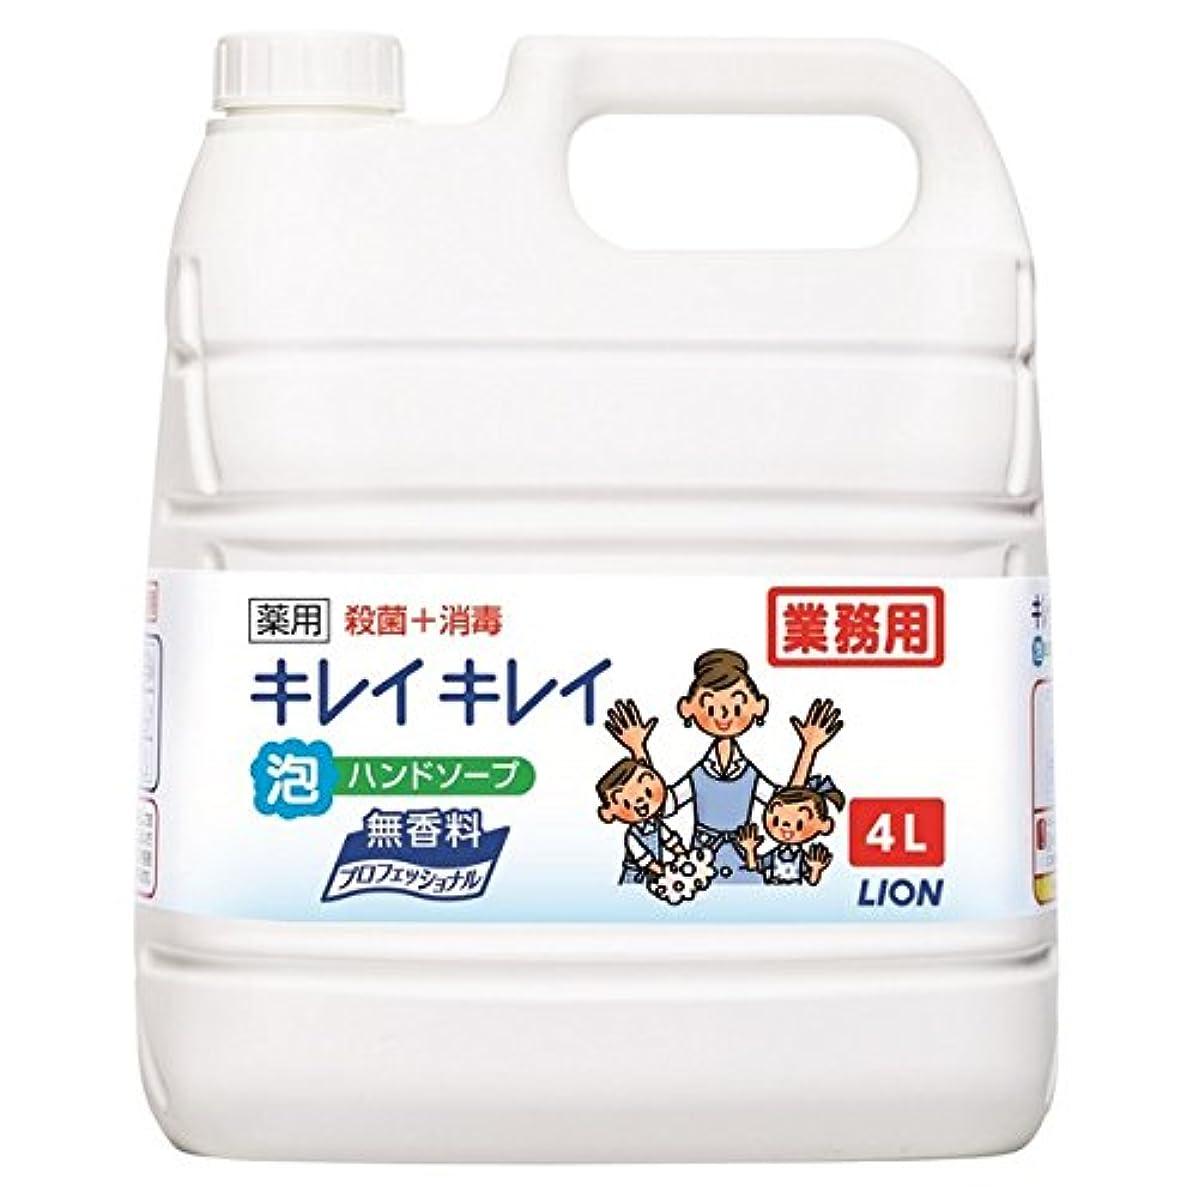 薬用光沢引くライオン キレイキレイ薬用泡ハンドソープ 無香料 4L×3本入